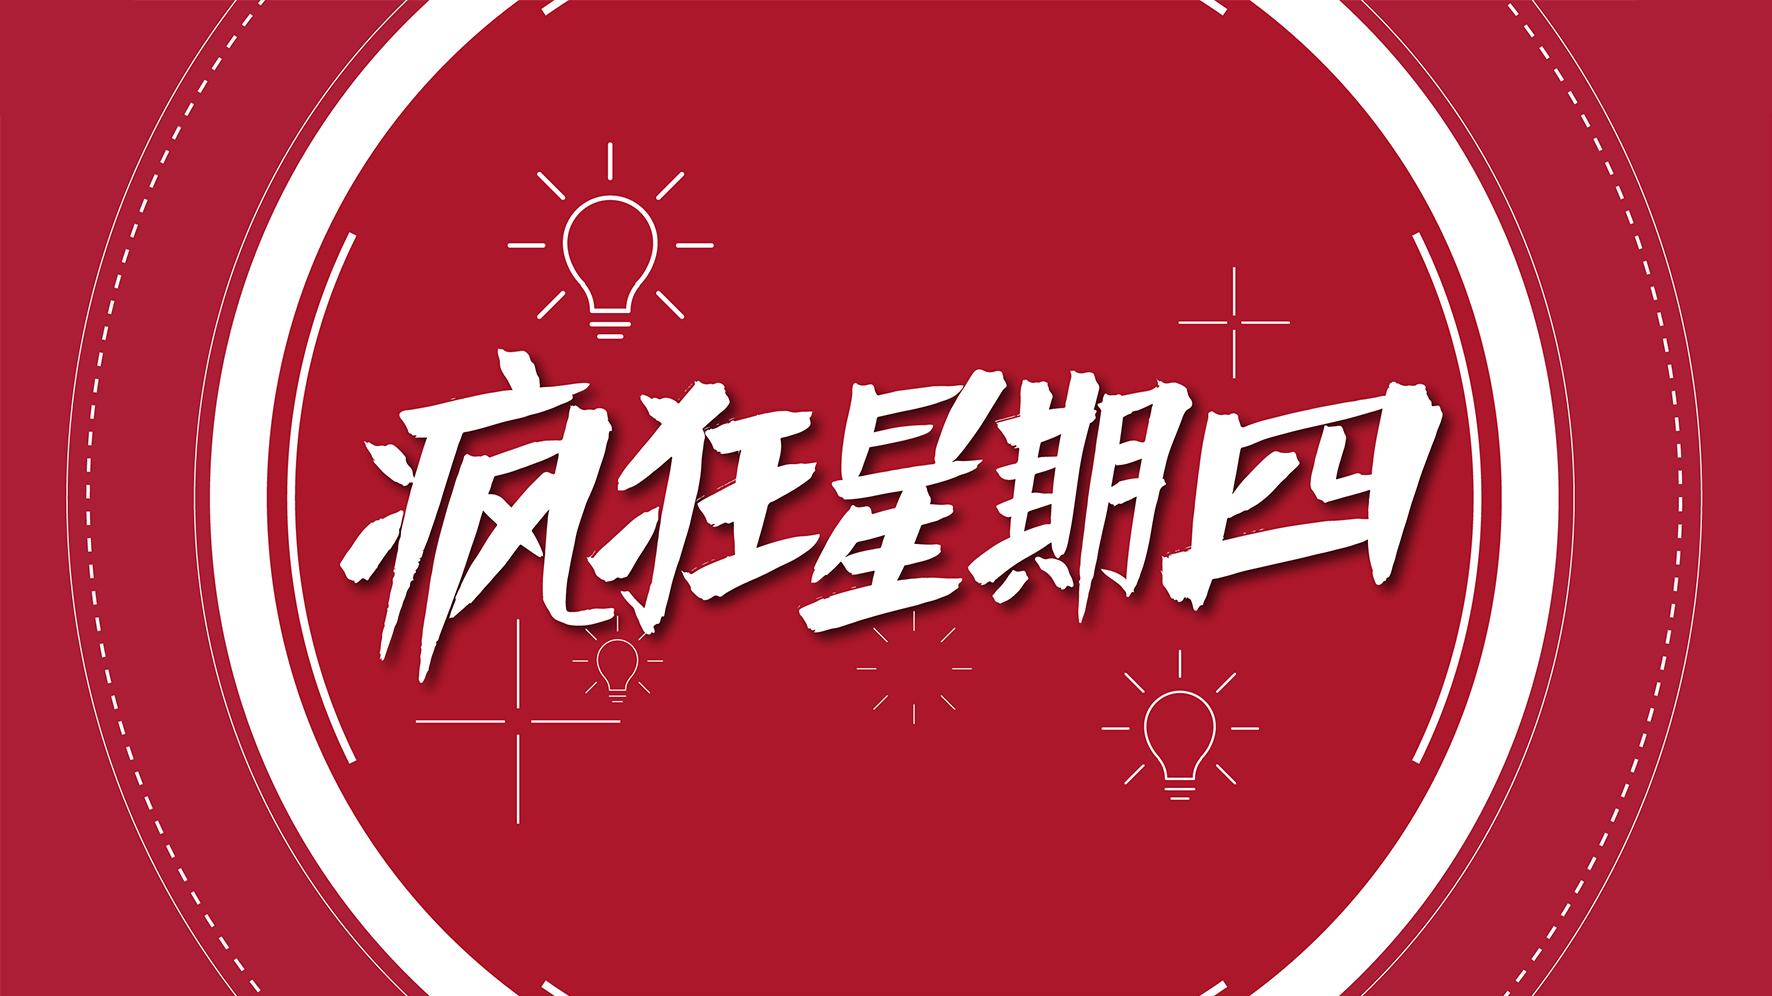 2019_cn_2019_e192-rm-161523585_hero_1